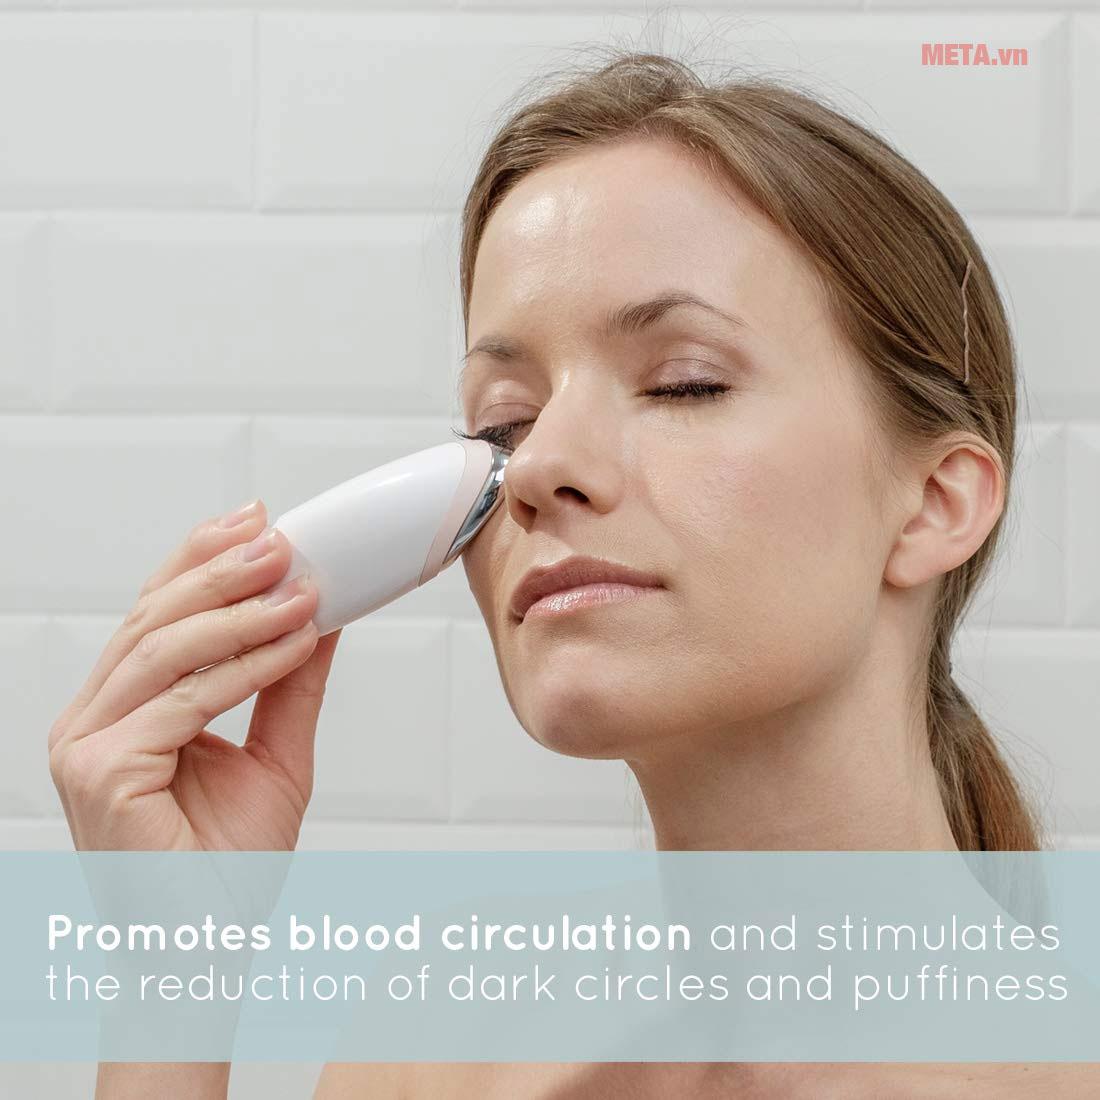 Máy massage mặt HoMedics FHC-300 giúp làm trẻ hóa làn da